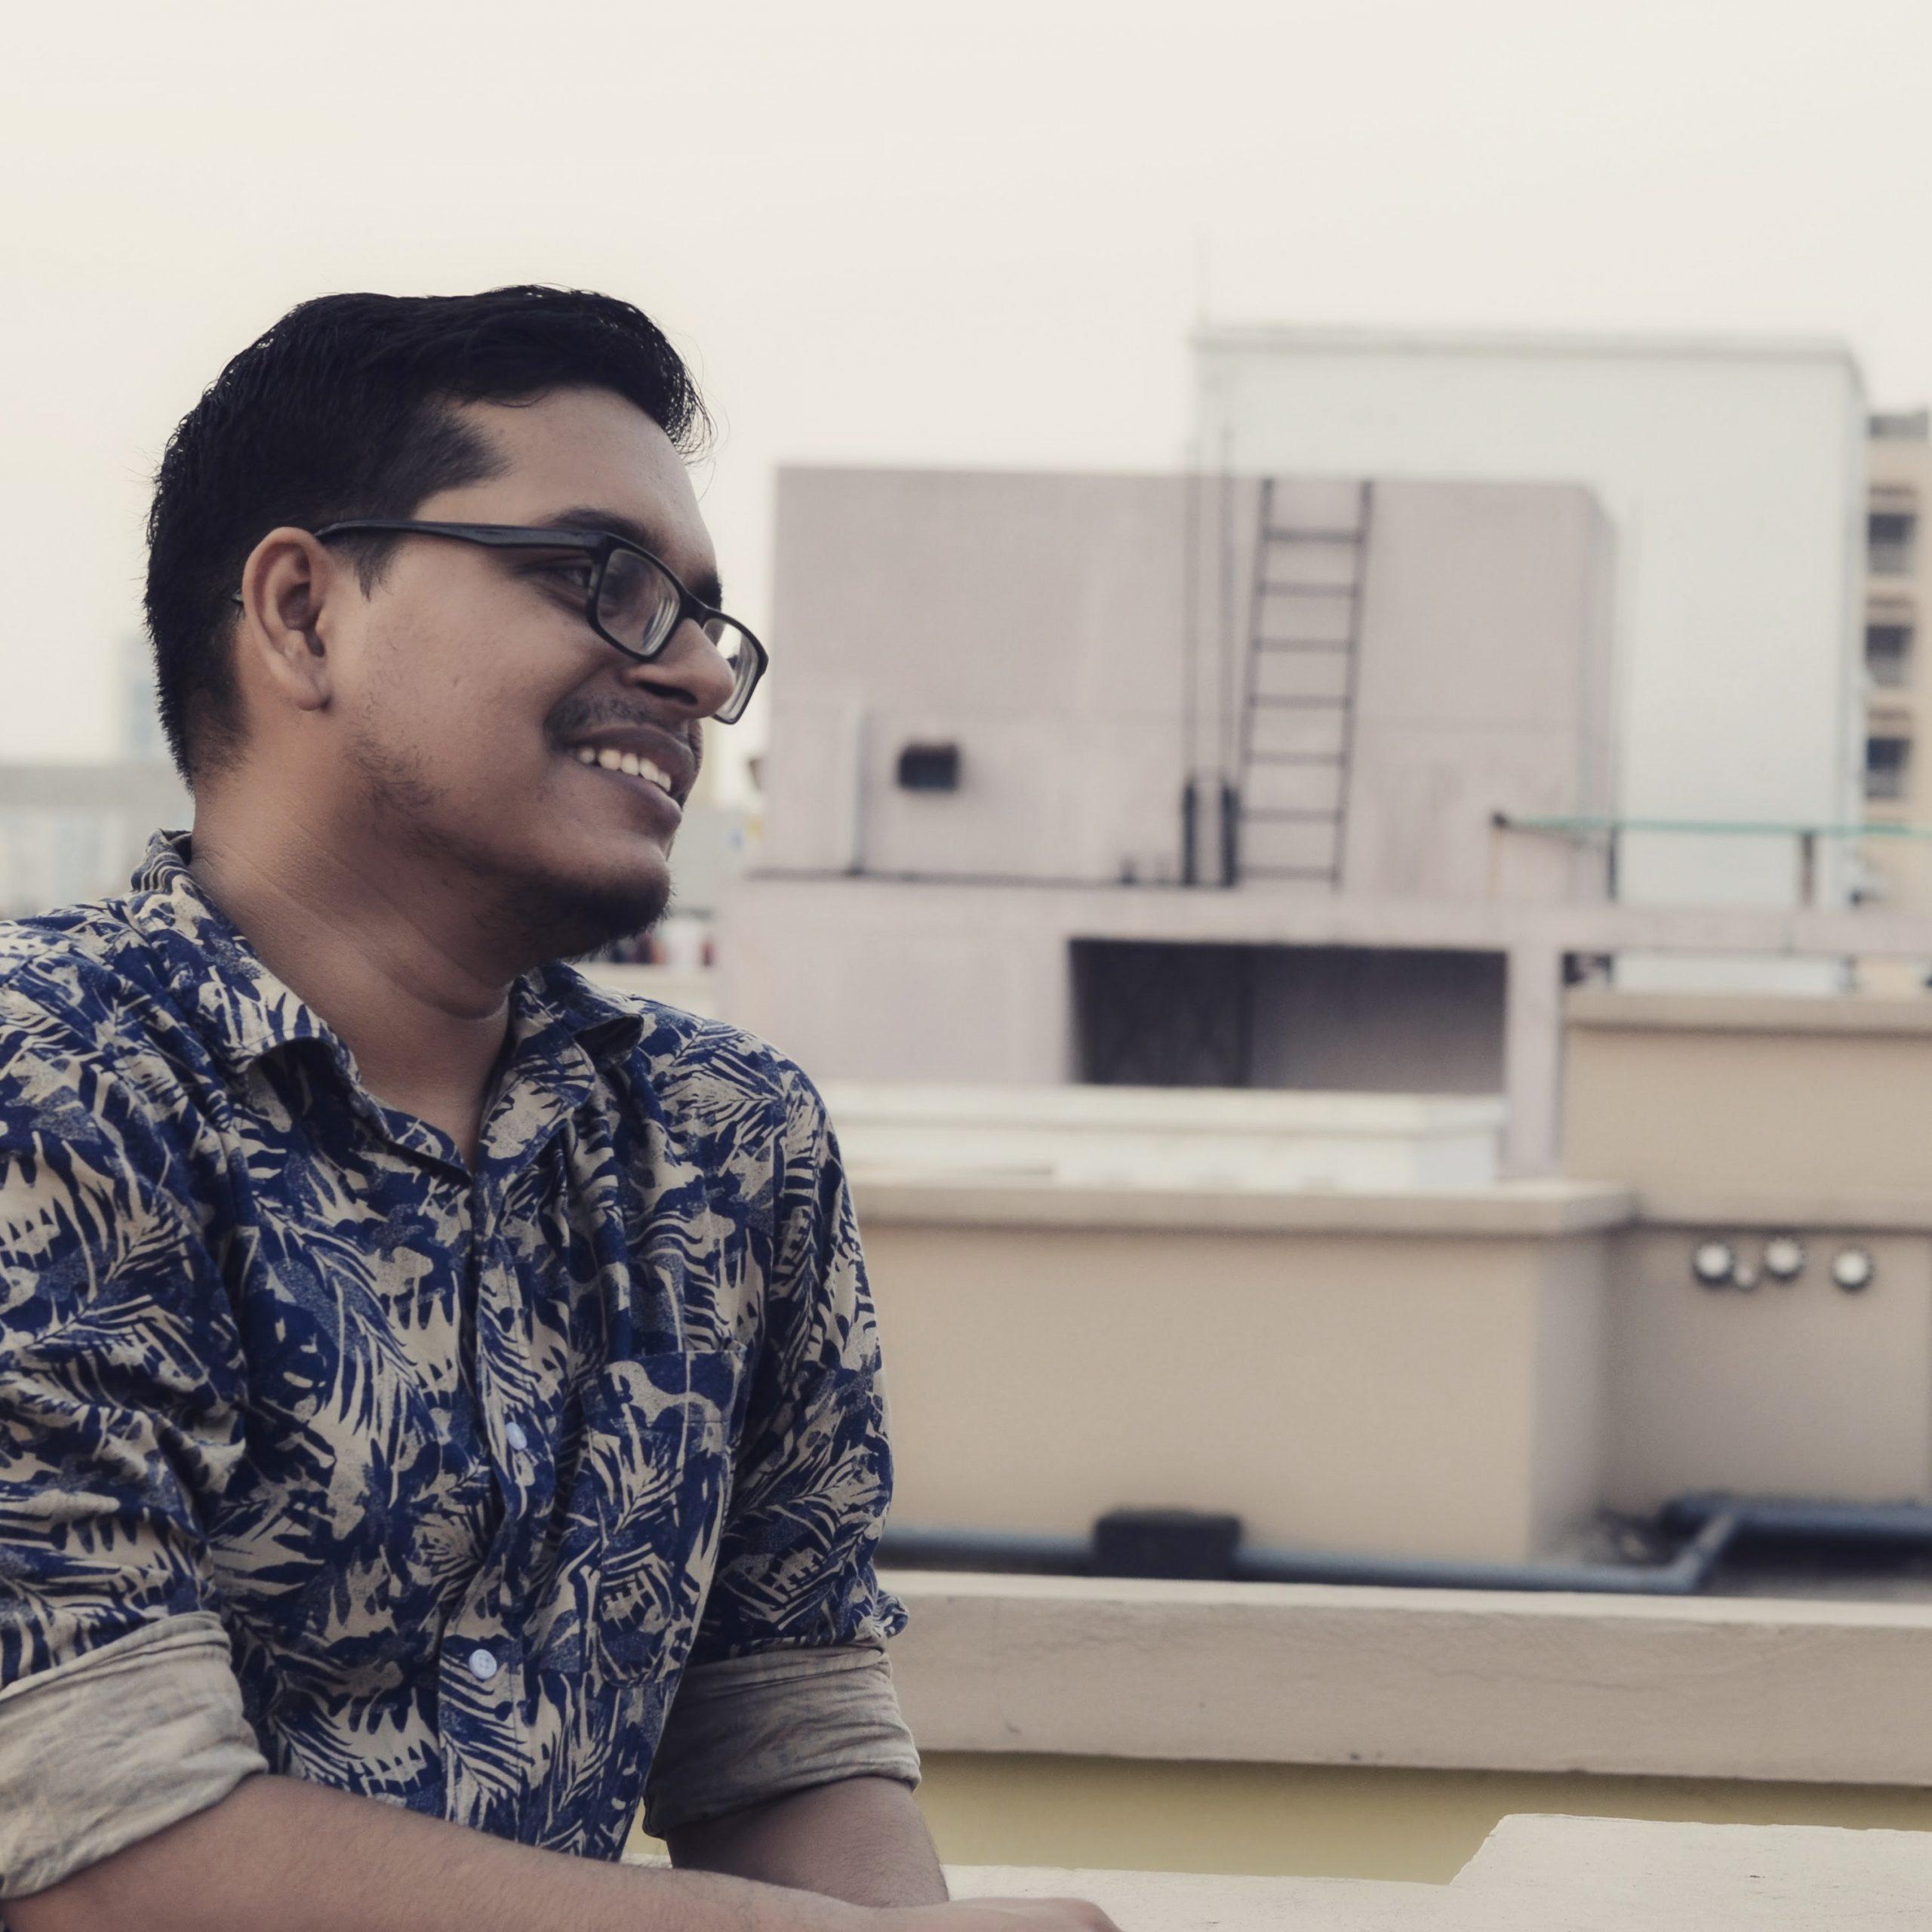 @mdsaidulislam's cover photo for 'Md Saidul Islam - Story of a Bangladeshi Painter and Digital Artist'